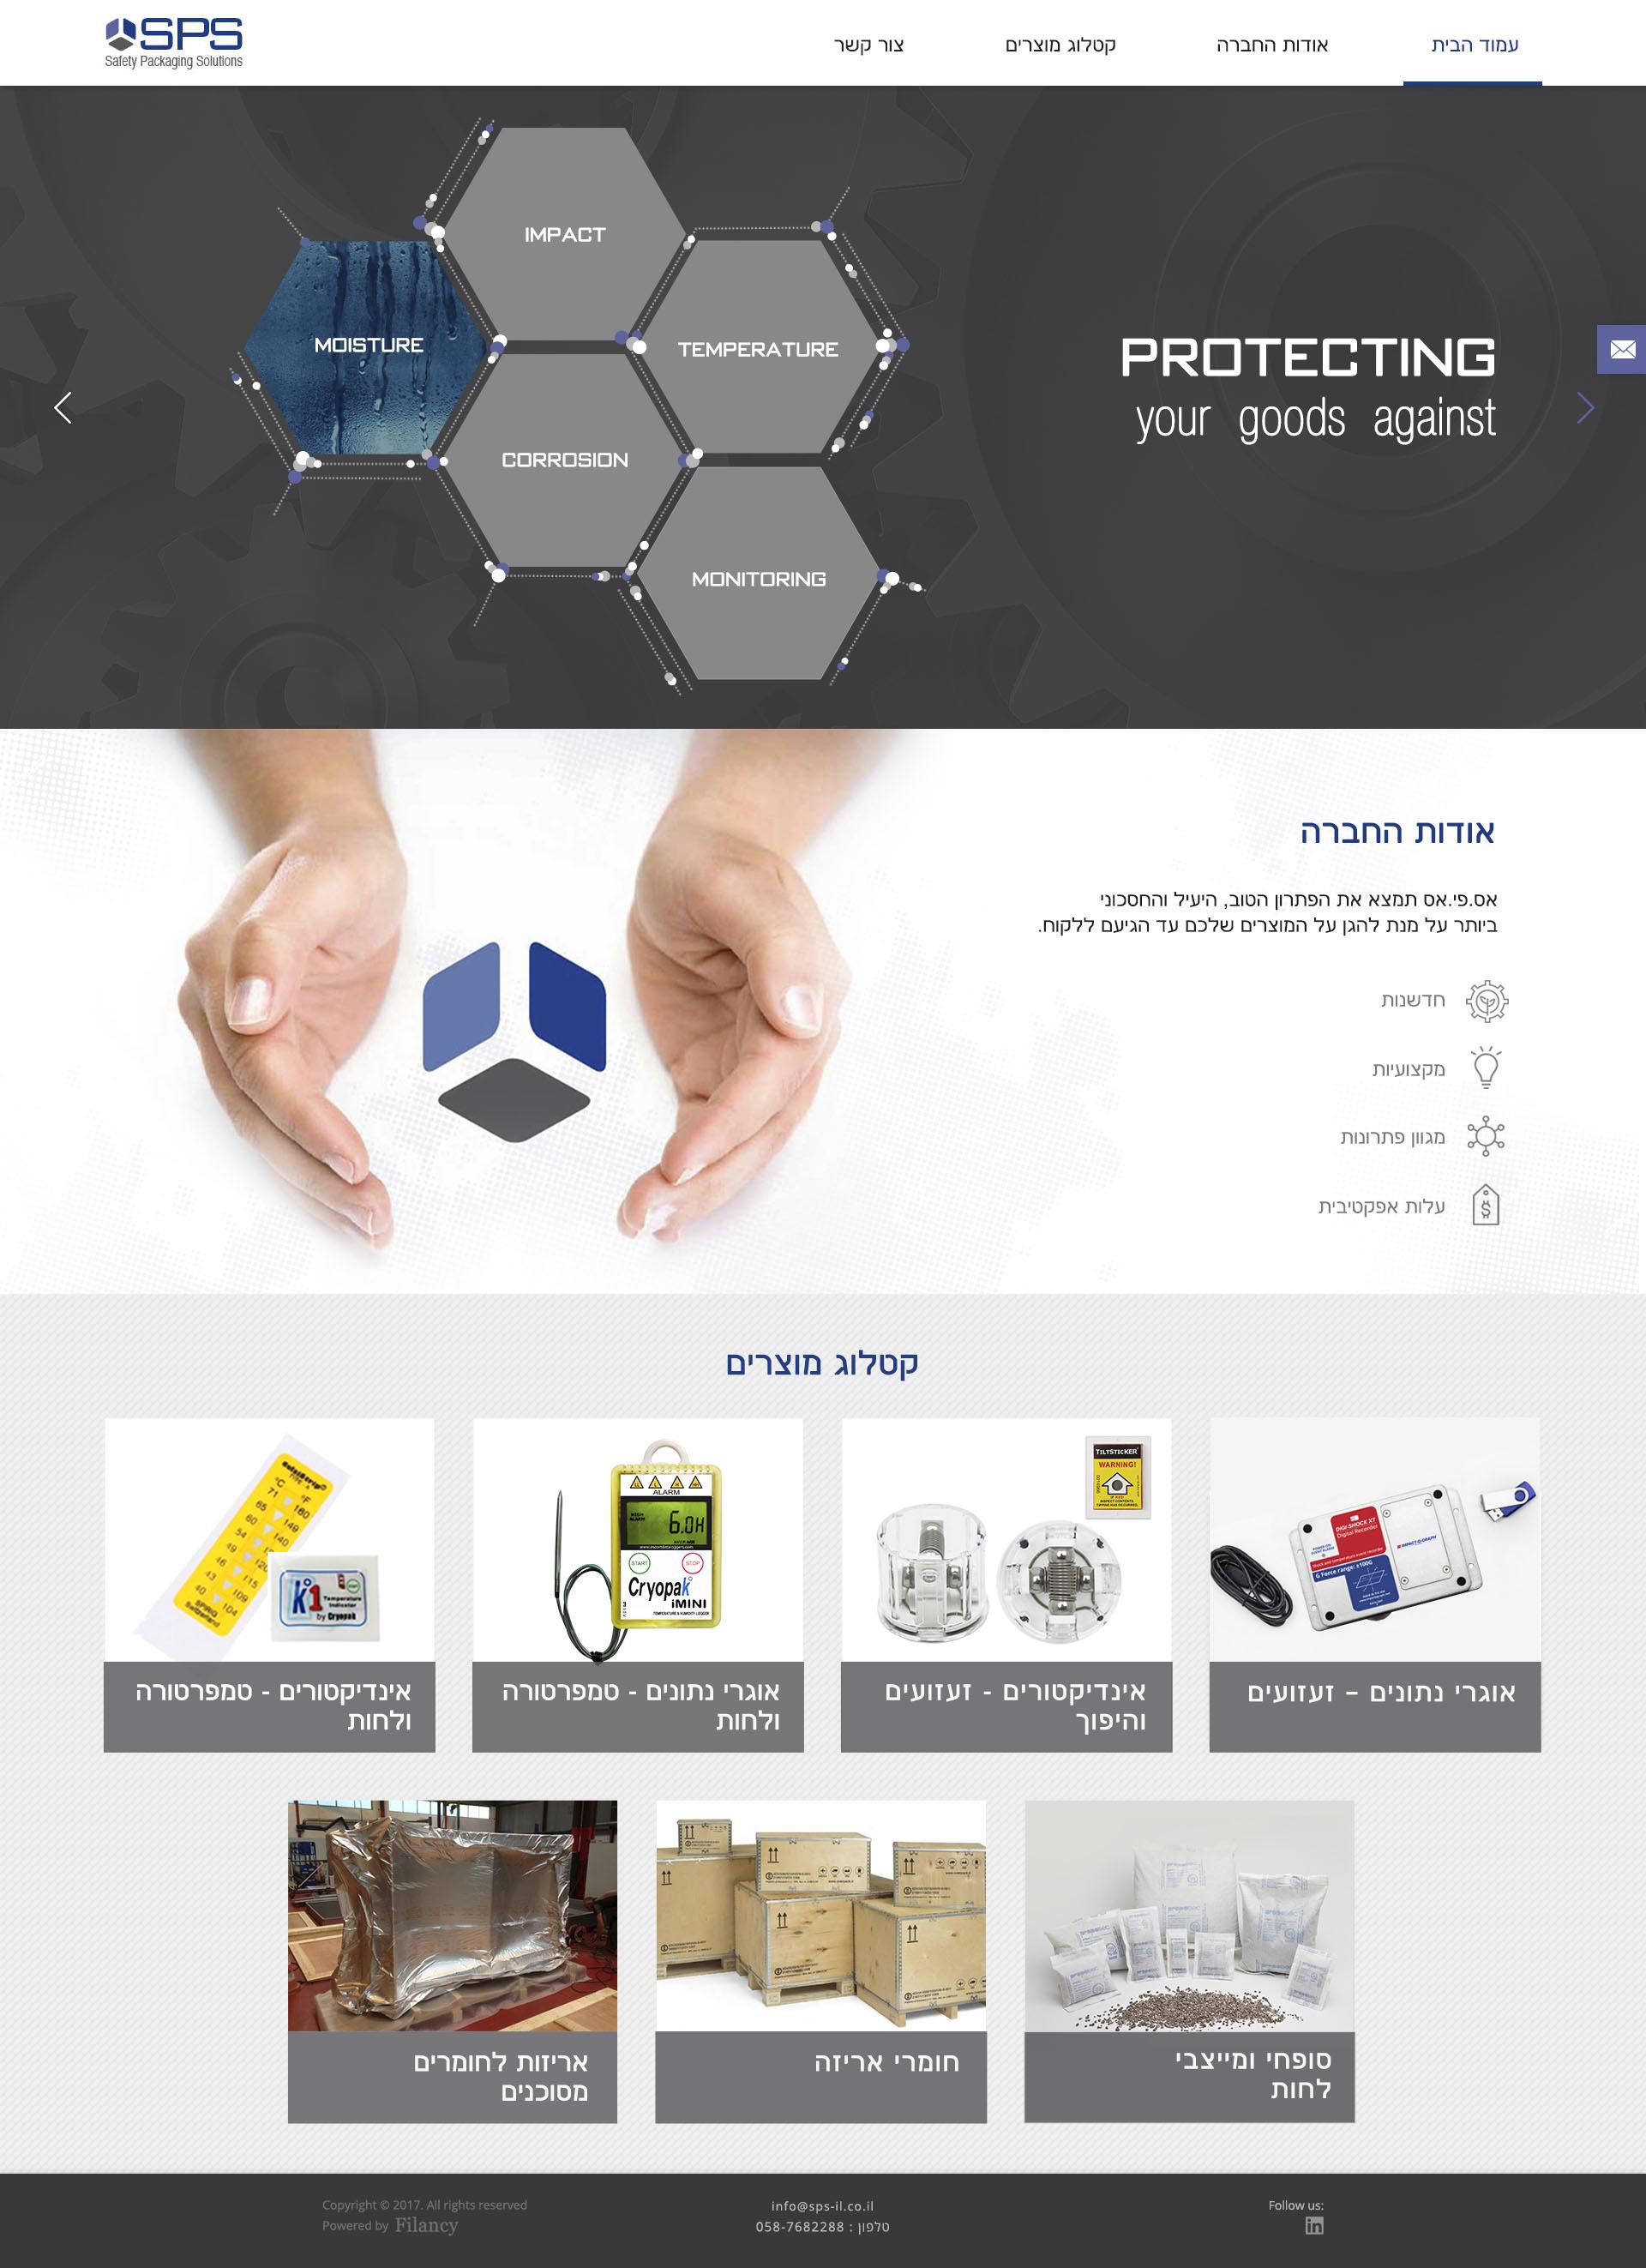 SPS-IL - решения для поставок и мониторинга, профессиональных упаковочных материалов